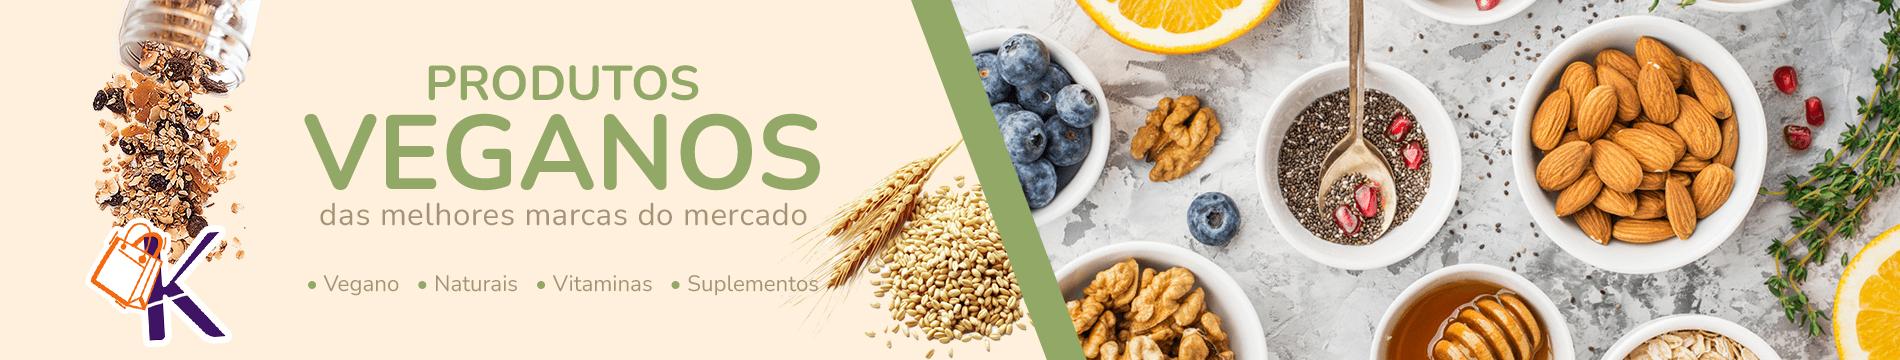 Produtos Veganos das melhores marcas do Mercado